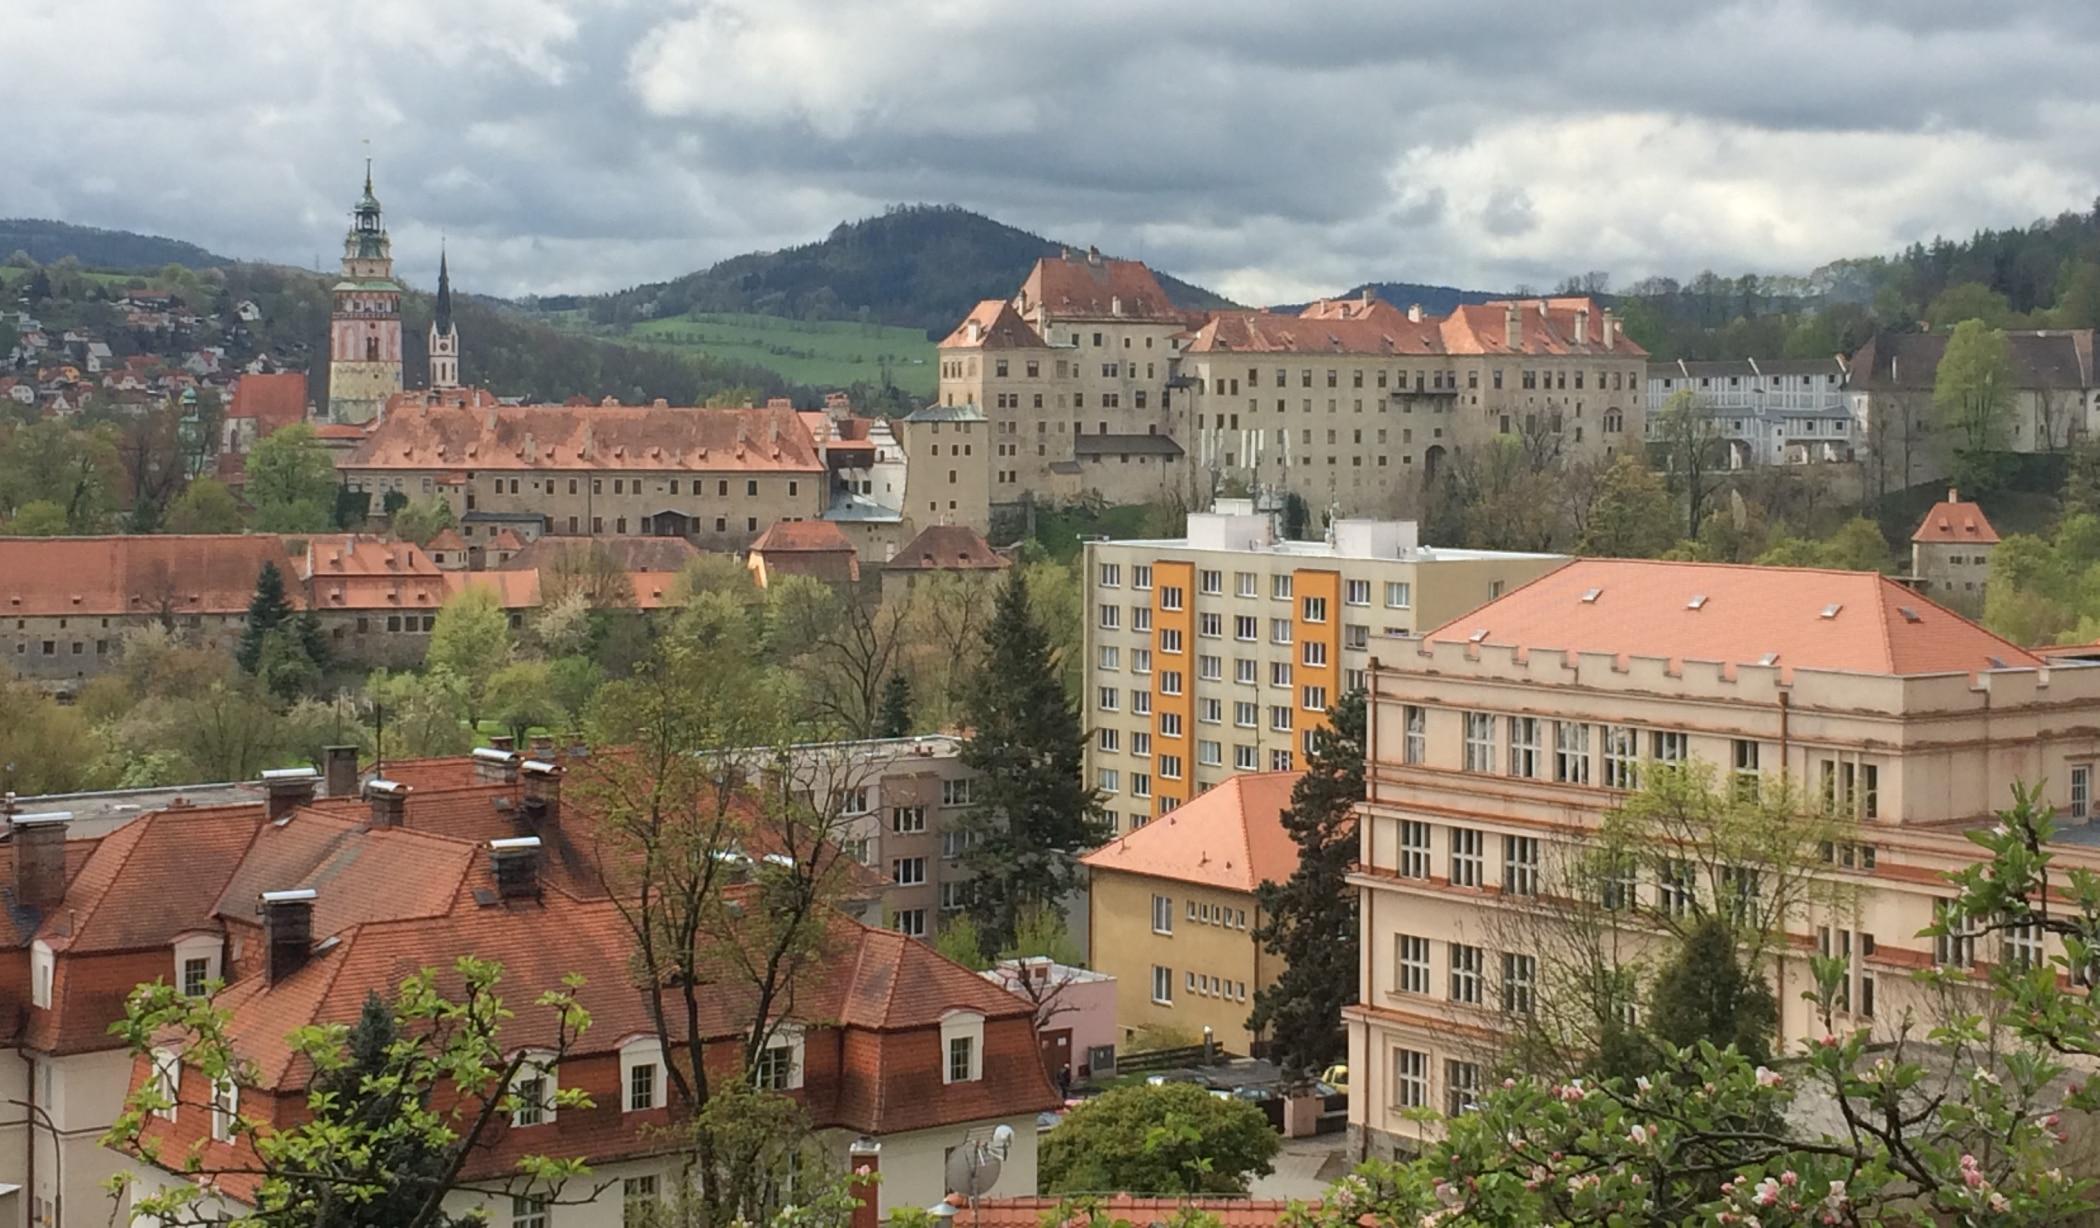 Bloki przesłaniające zamek, to na pewno nie jest marzenie turystów przyjeżdżających oglądać zabytkową twierdzę.